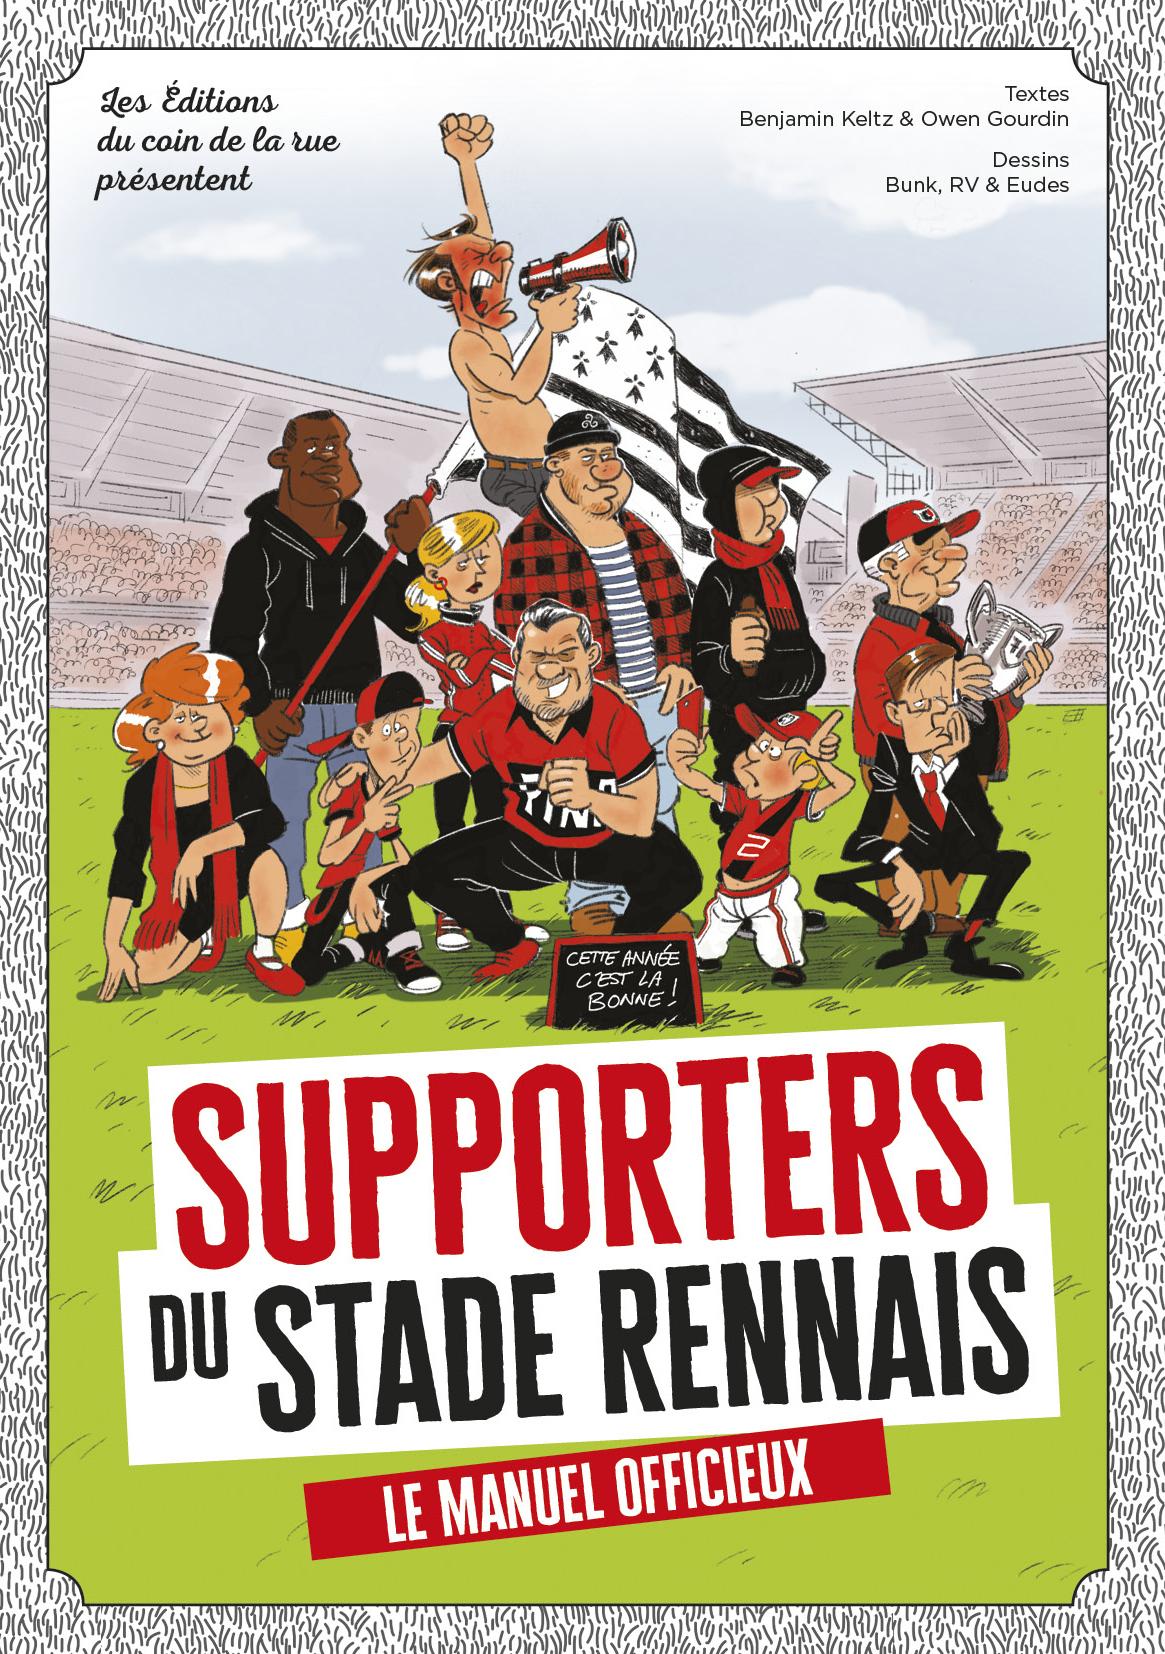 SUPPORTERS DU STADE RENNAIS, LE MANUEL OFFICIEUX !